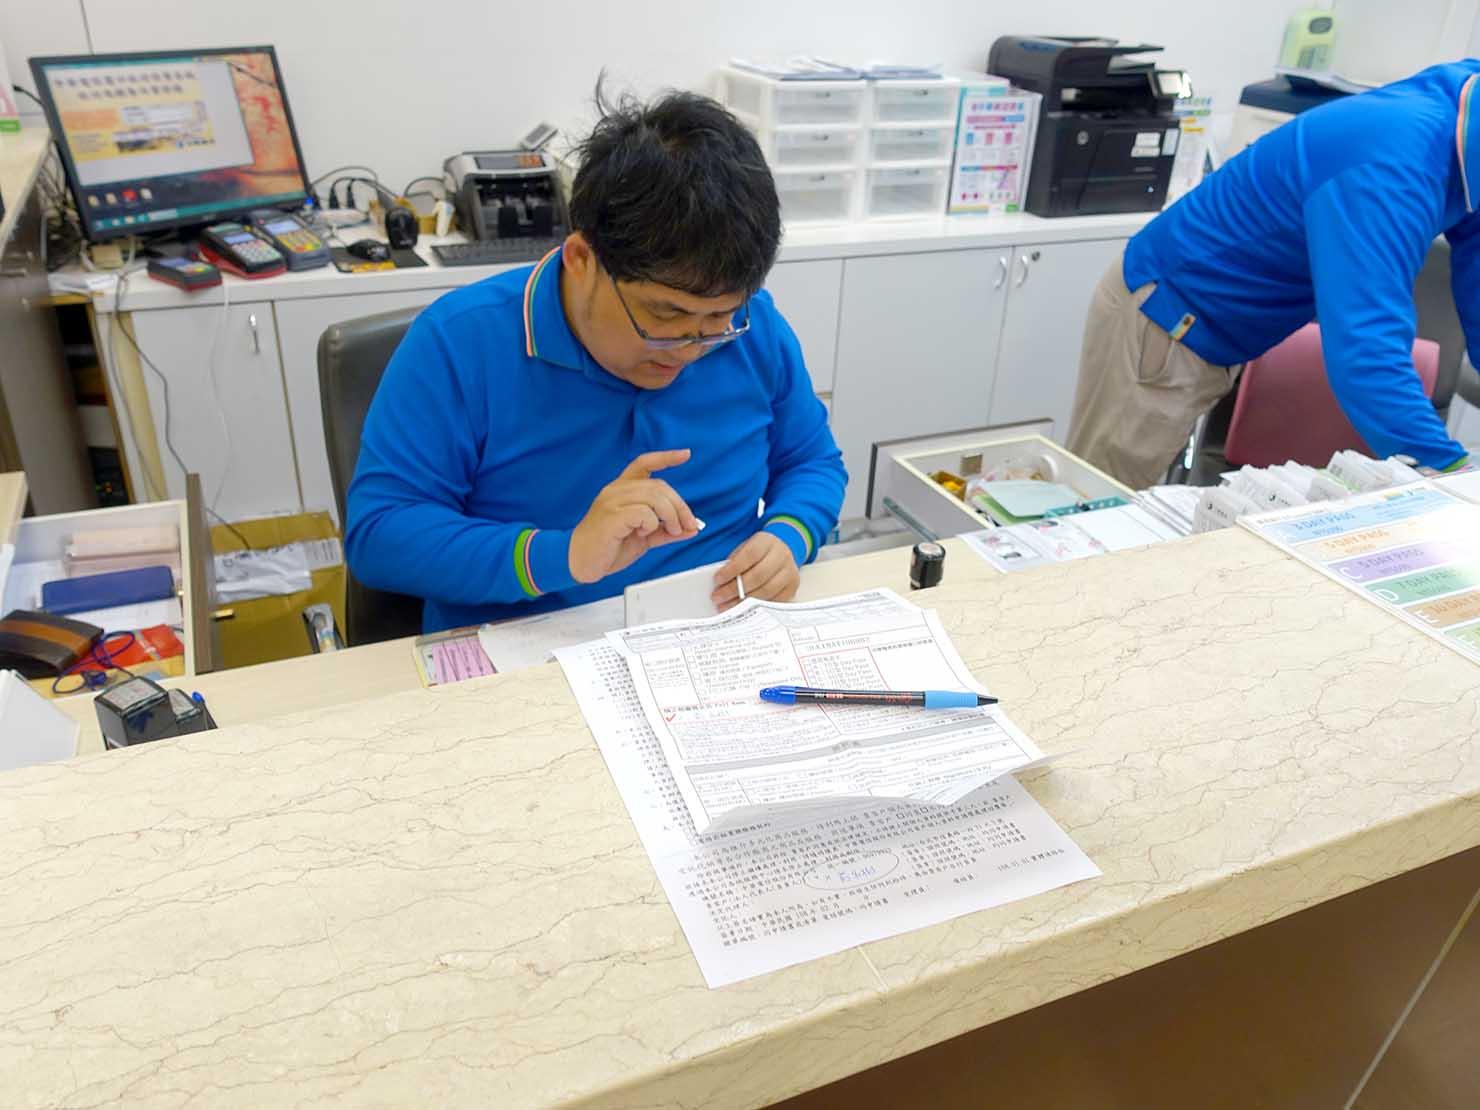 台北・松山空港の中華電信カウンターでSIMカードの設定